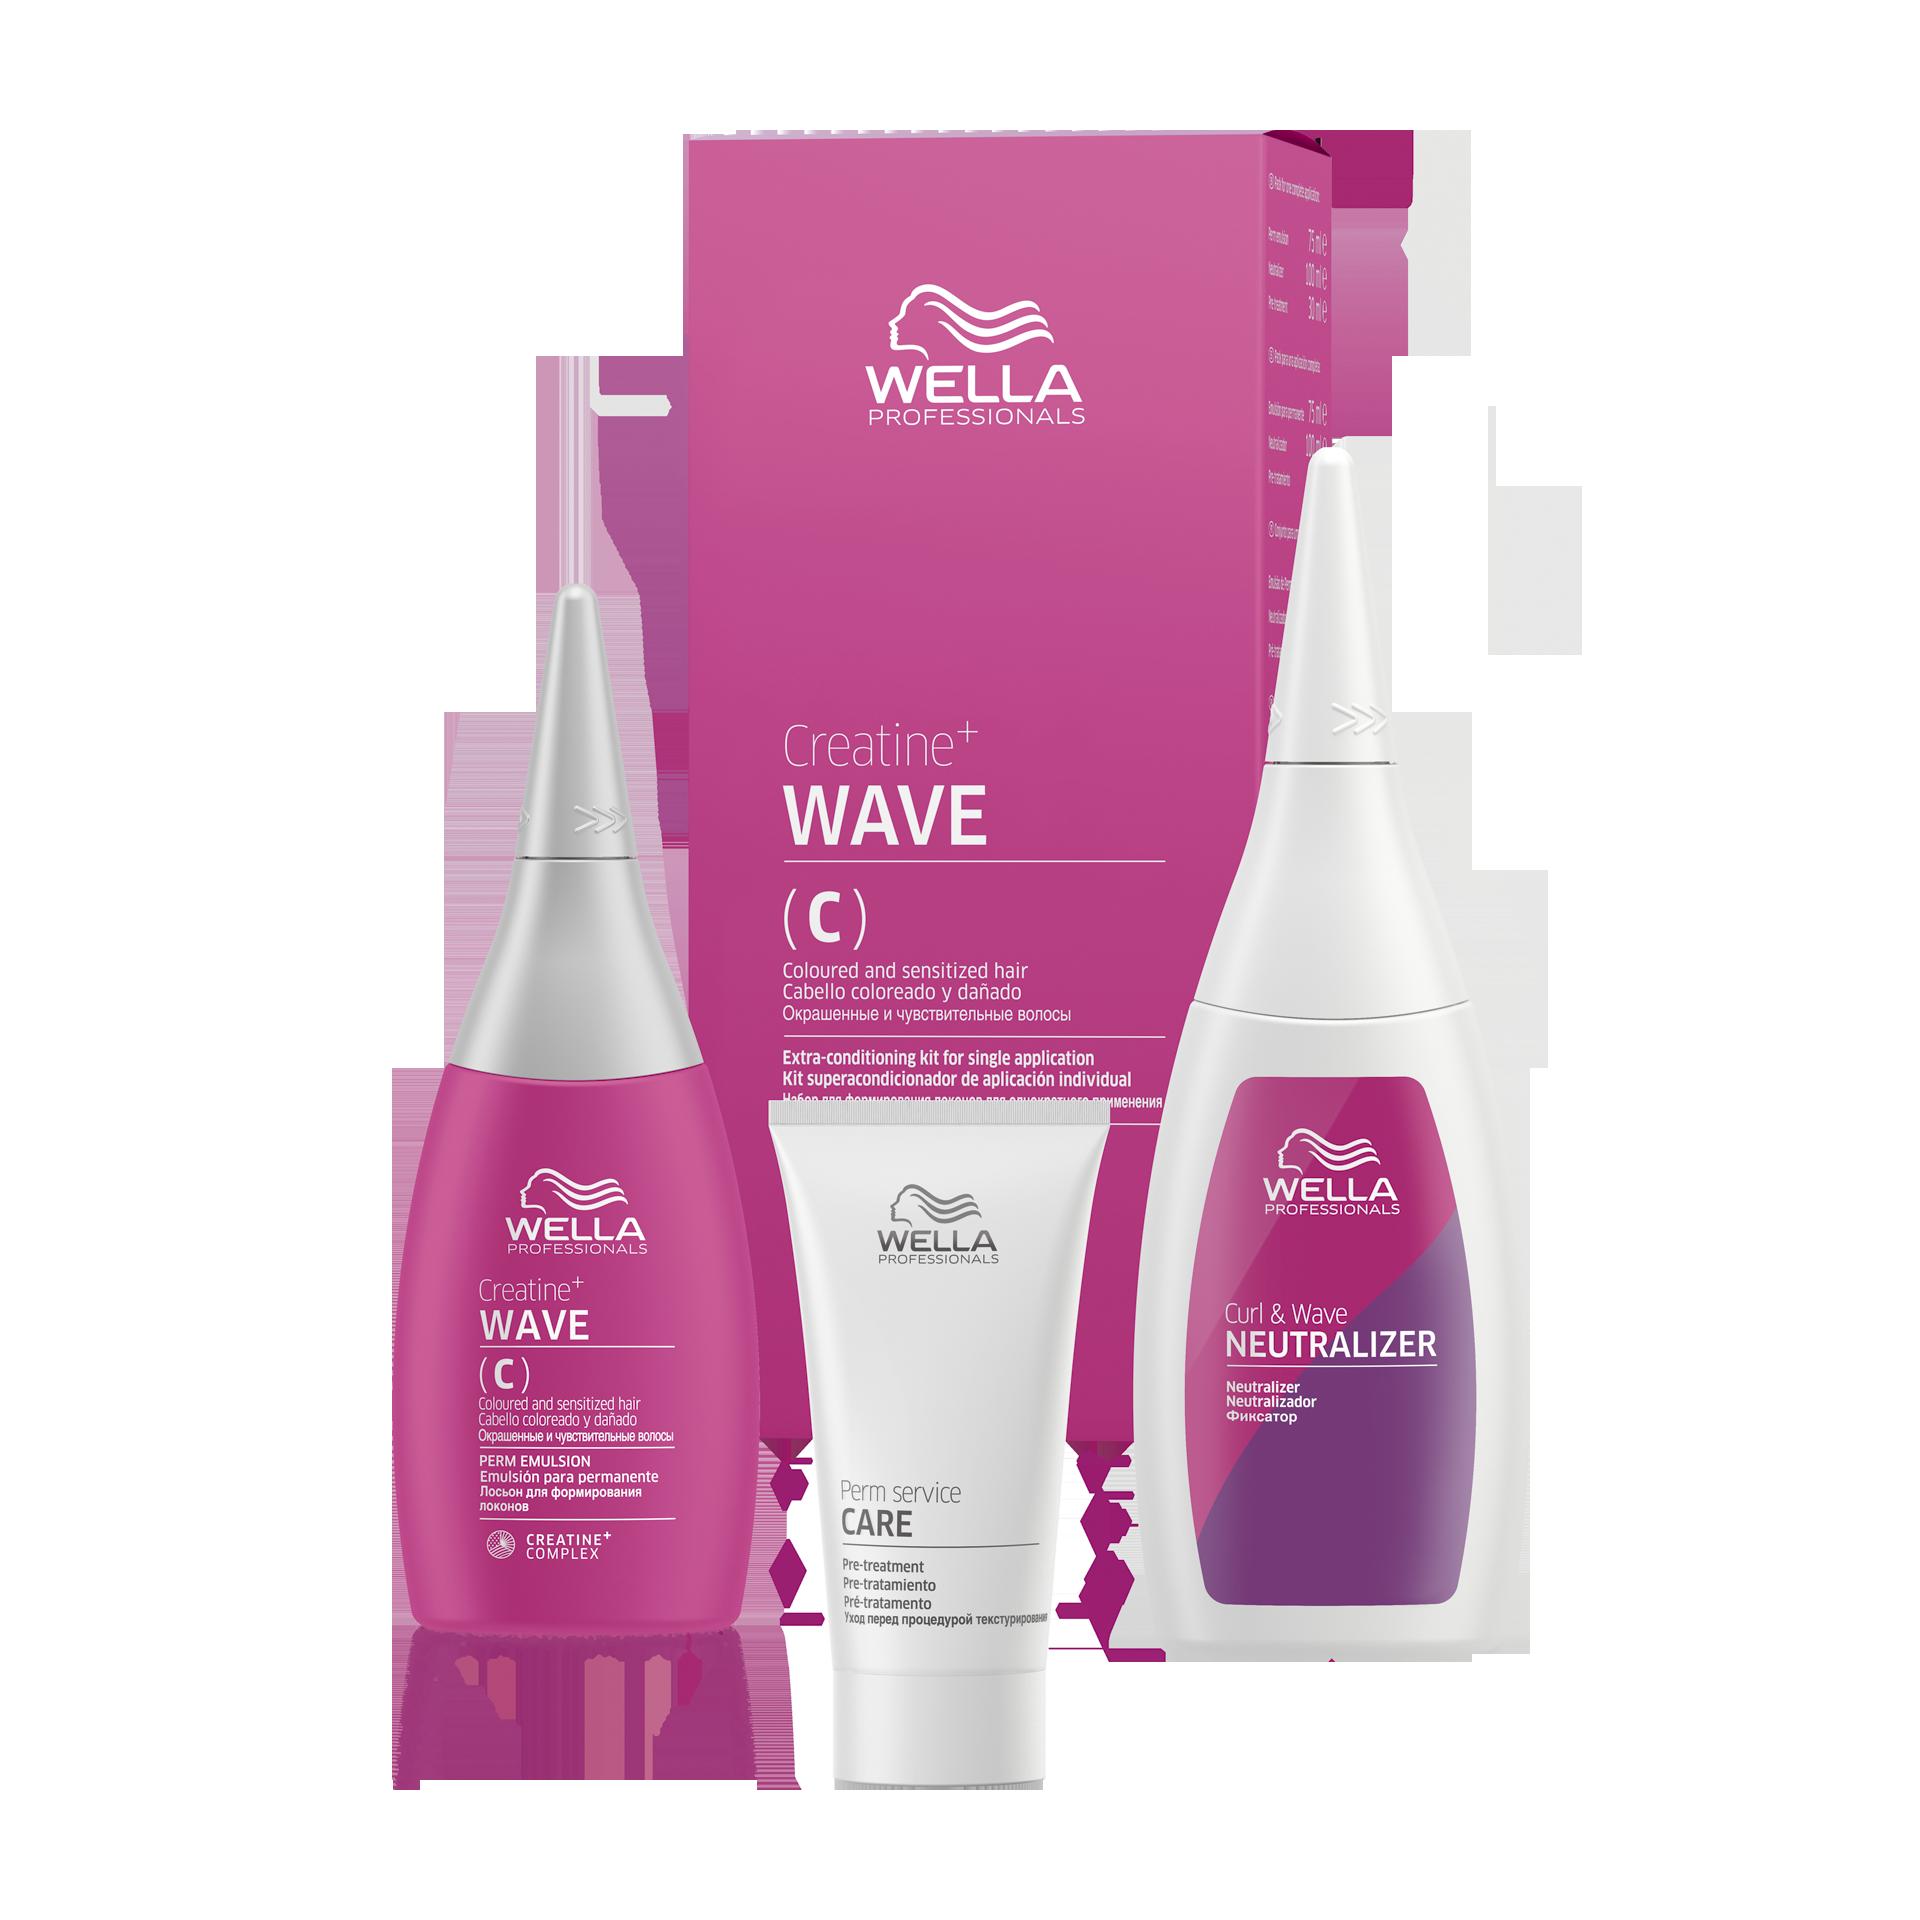 Купить WELLA PROFESSIONALS Набор для окрашенных и чувствительных волос (лосьон 75 мл, фиксатор 100 мл, уход 30 мл) CREATINE+ WAVE